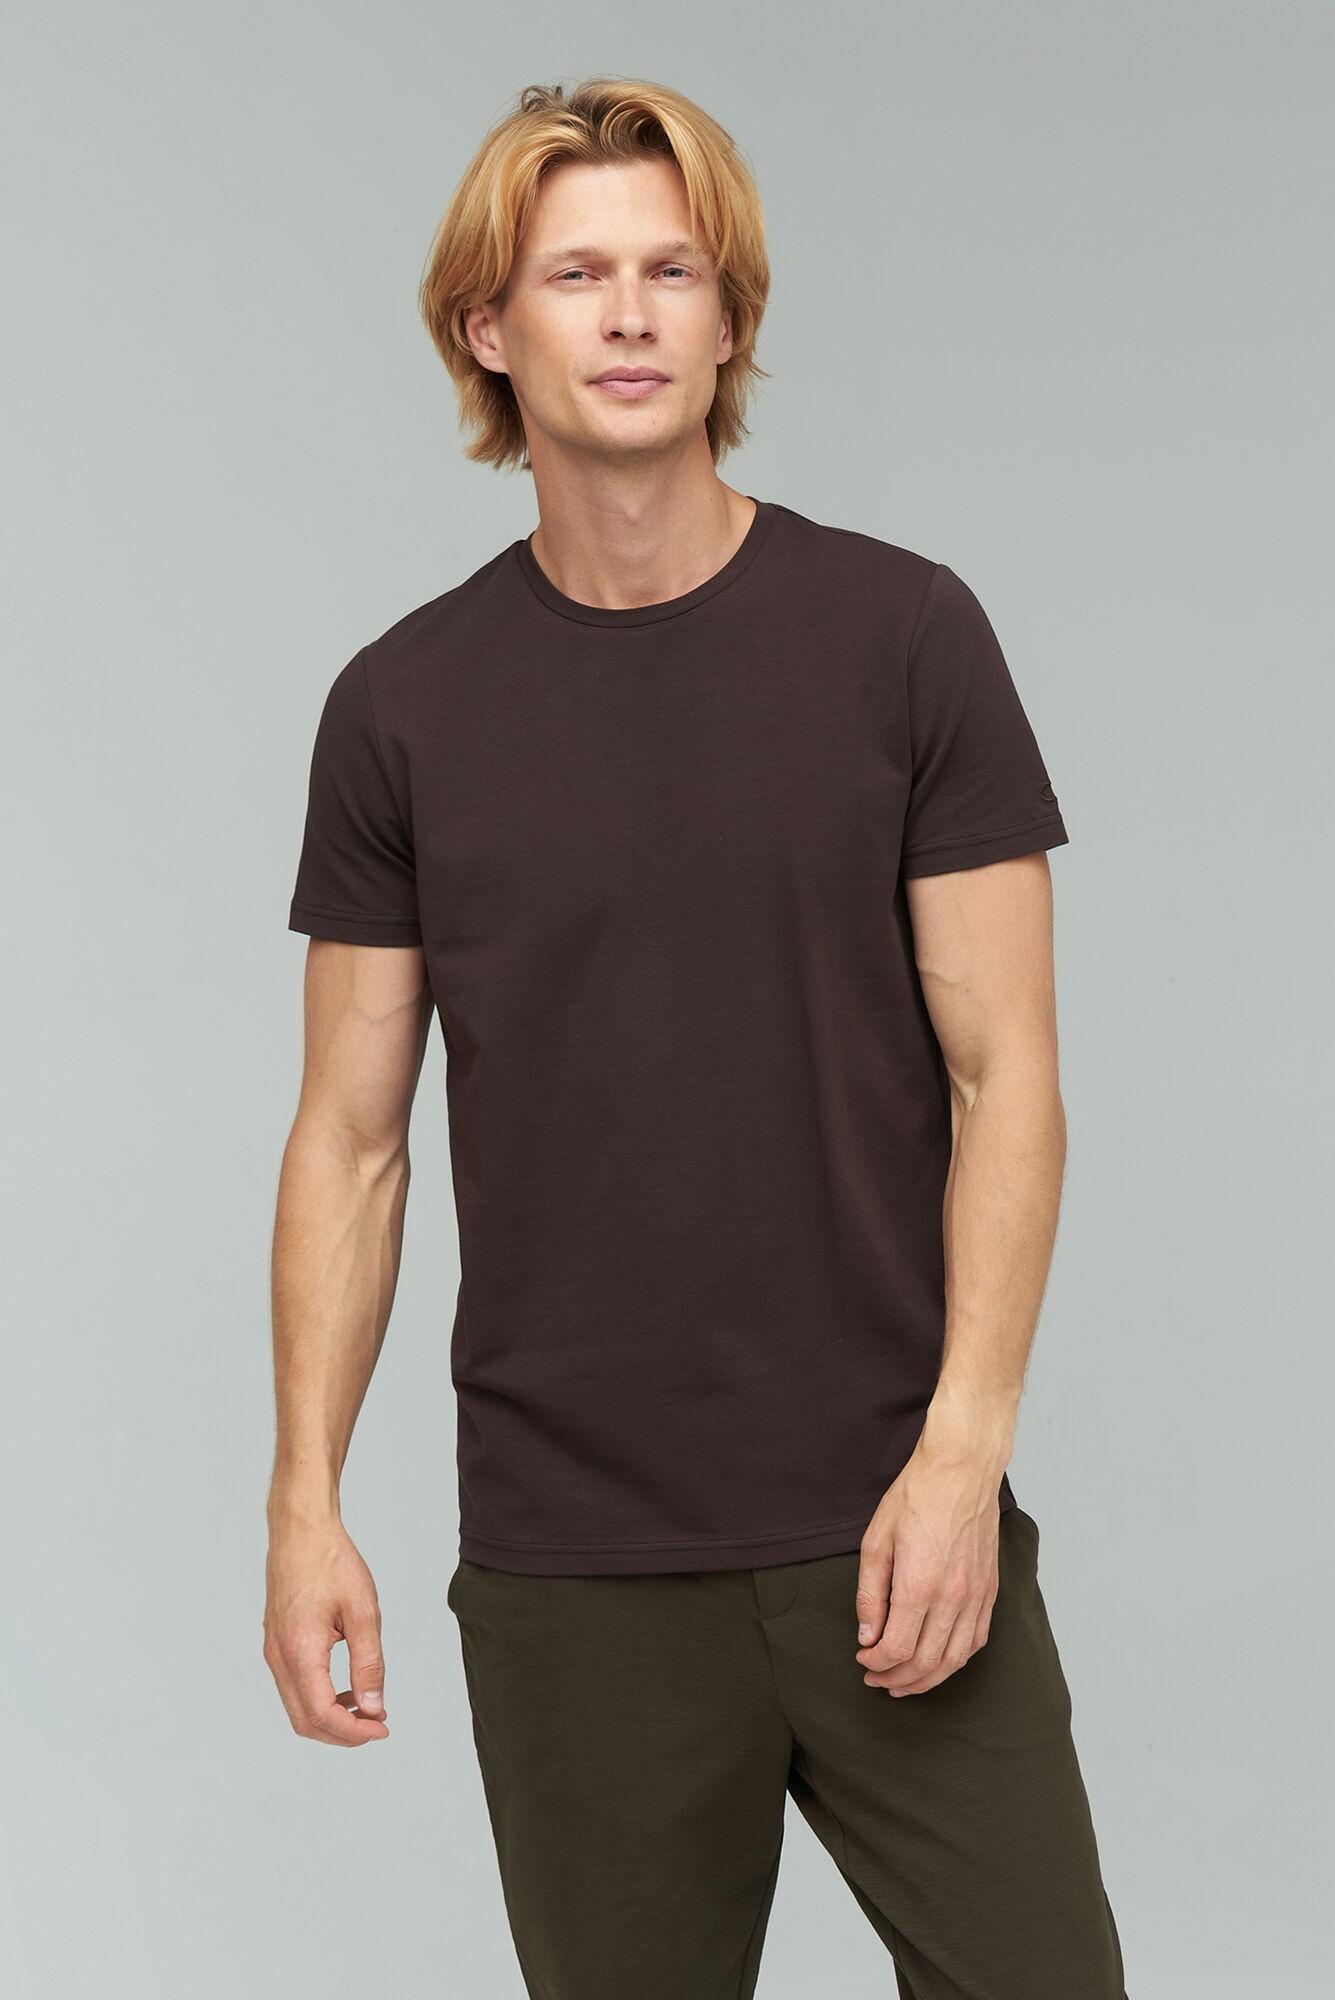 AUDIMAS Tamprūs medvilniniai marškinėliai 2011-472 Chocolate Torte XL